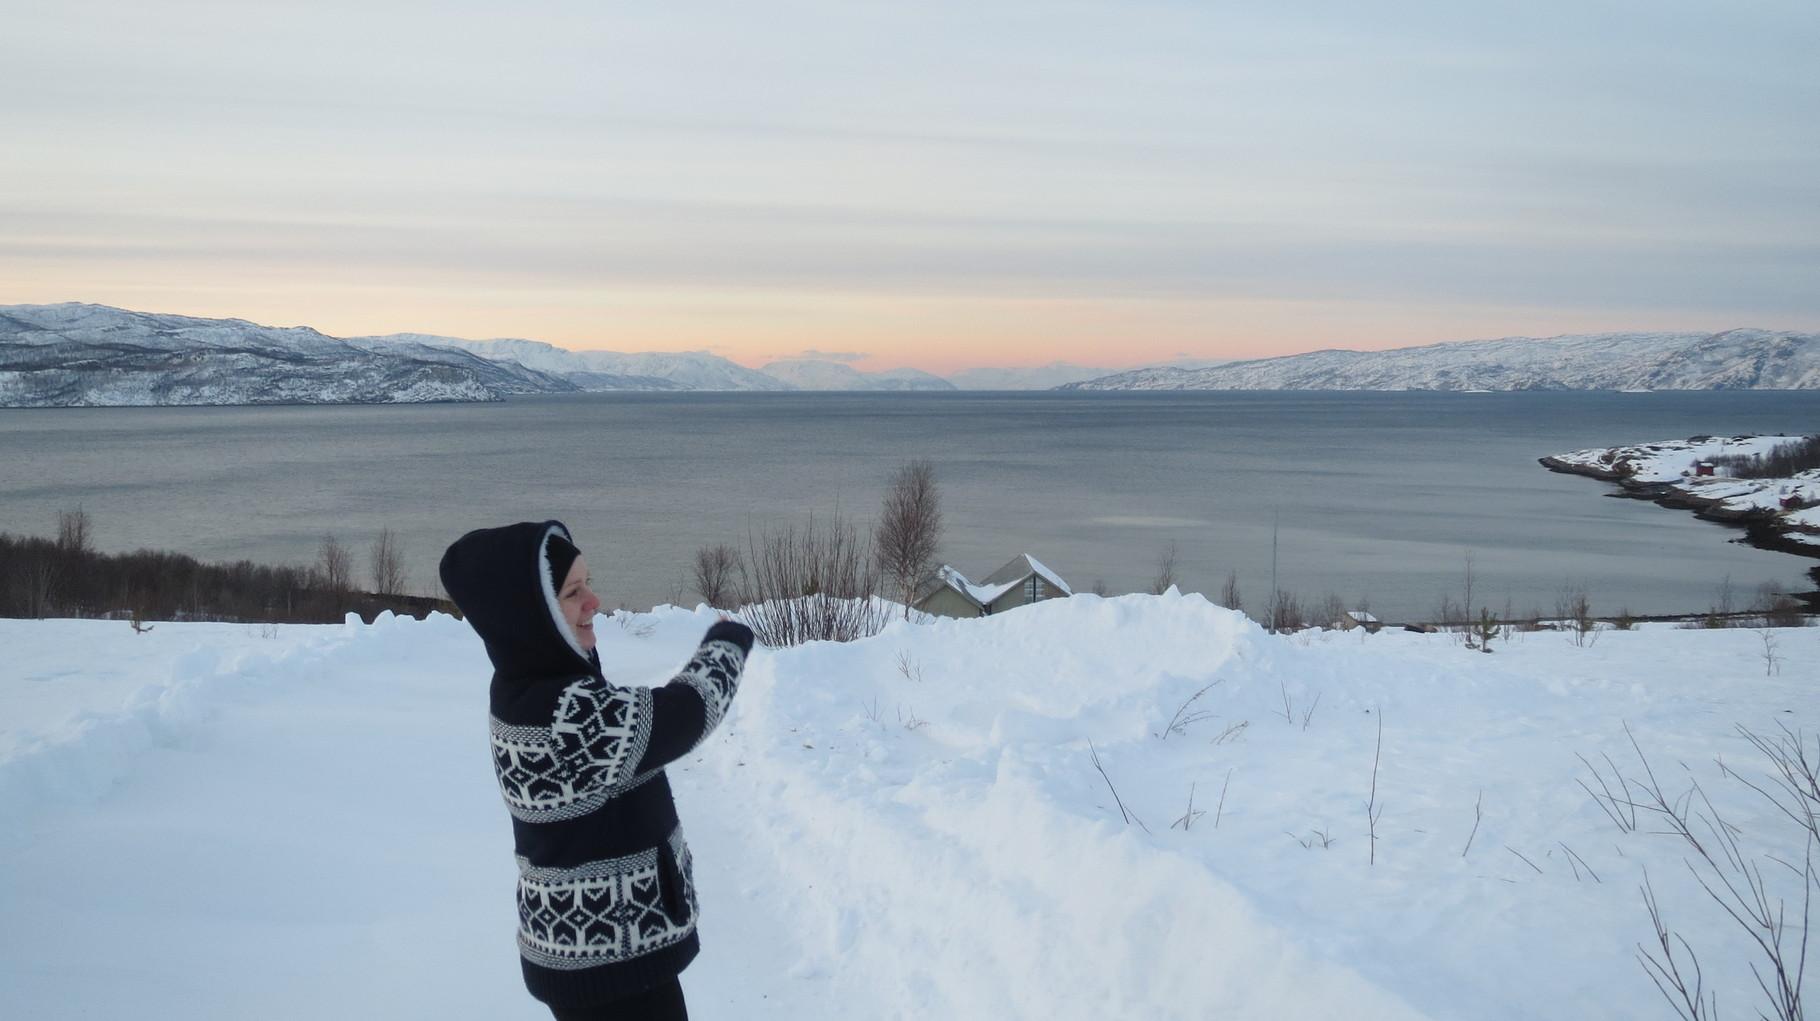 Zum Abschluss des Tages noch ein Fingerzeig über den Fjord. Morgen geht's mit Langlaufskiern auf Nordlichtersuche!